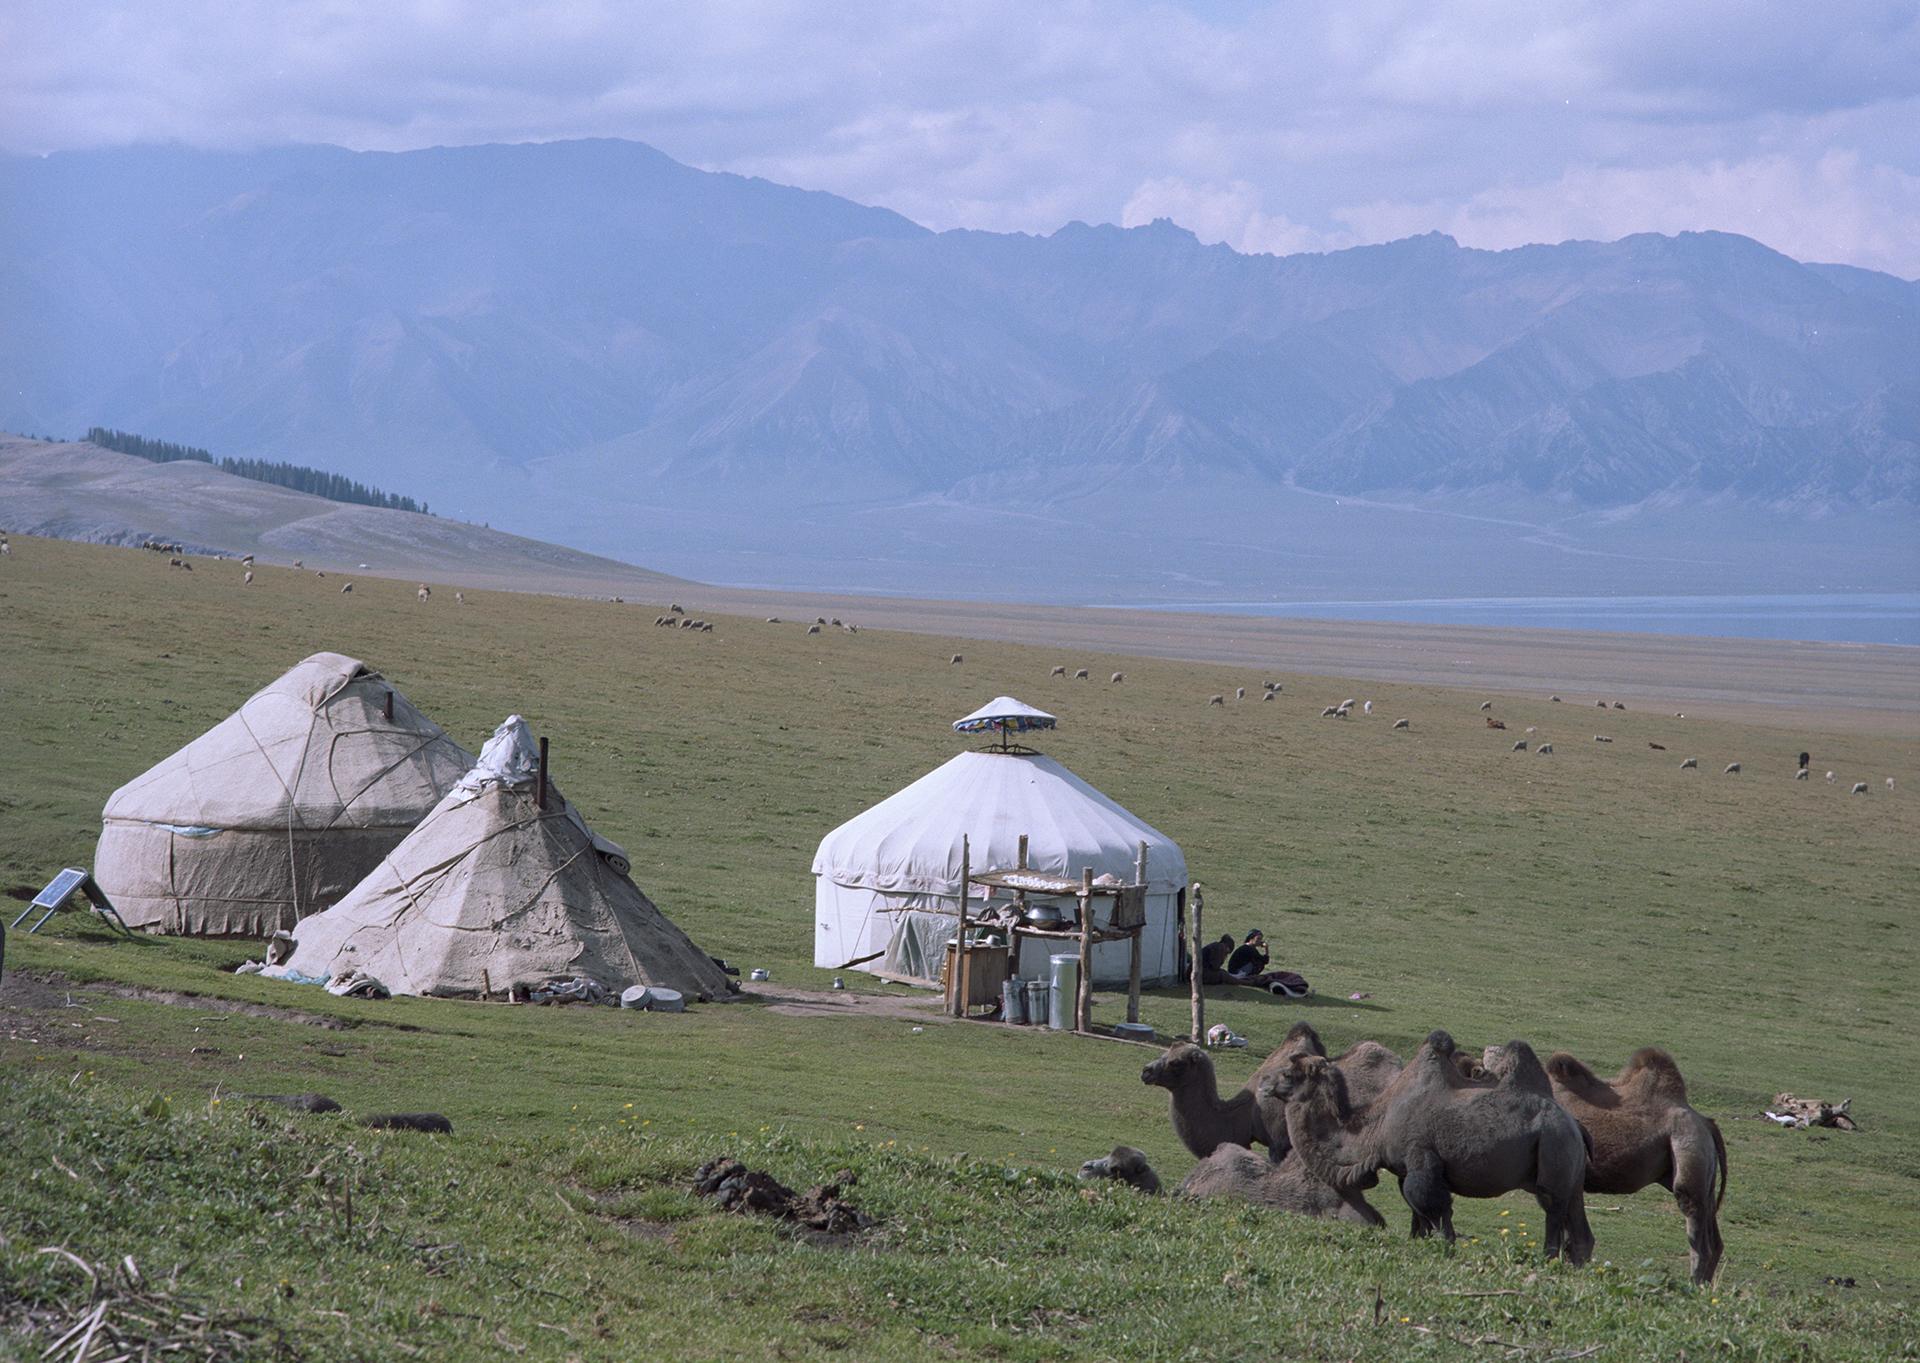 2007 Xinjiang - Yurts and camels around Sayram Lake.